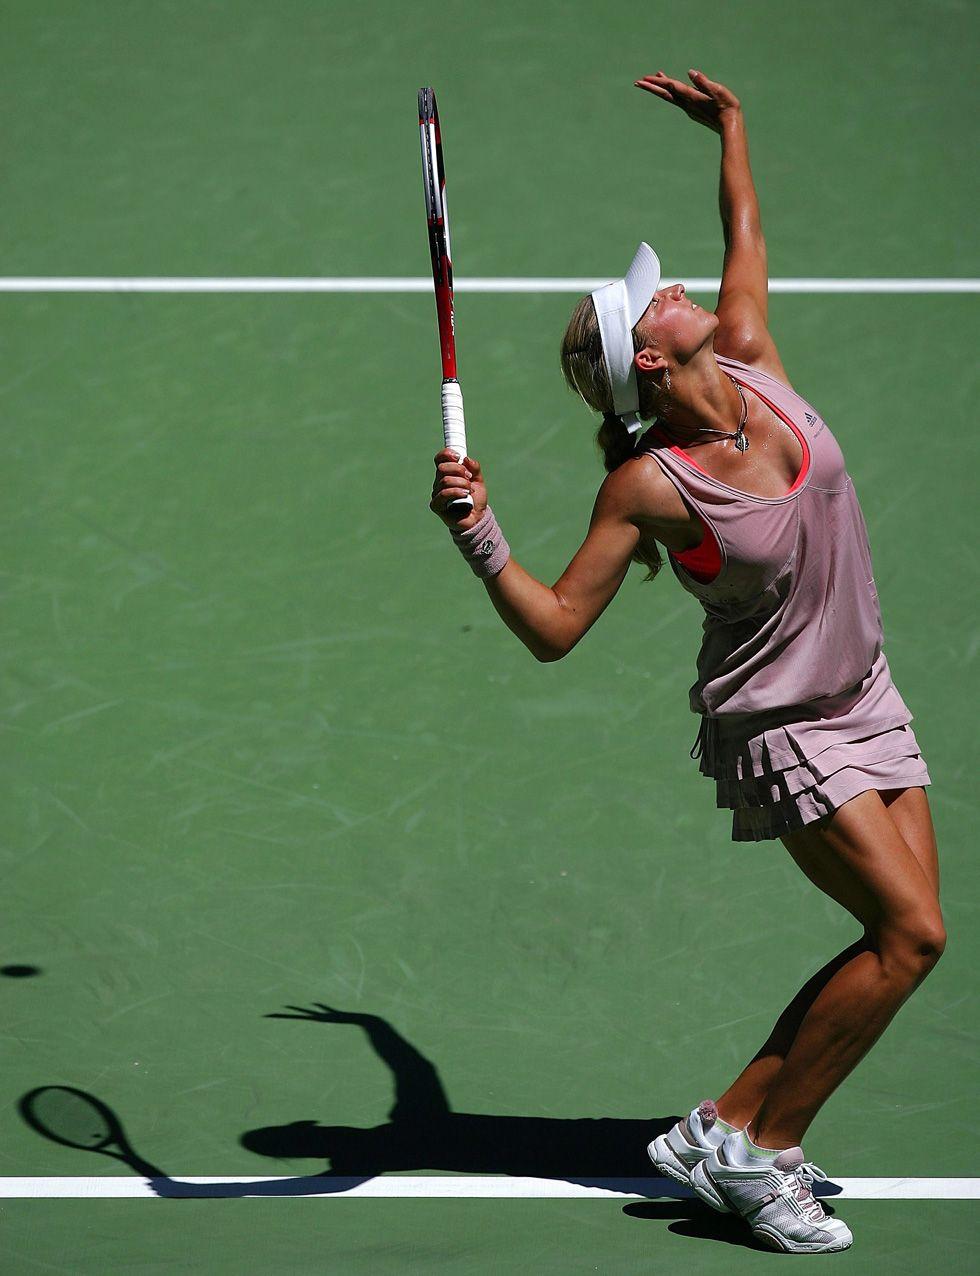 Tenniste Sport Tennis Donne